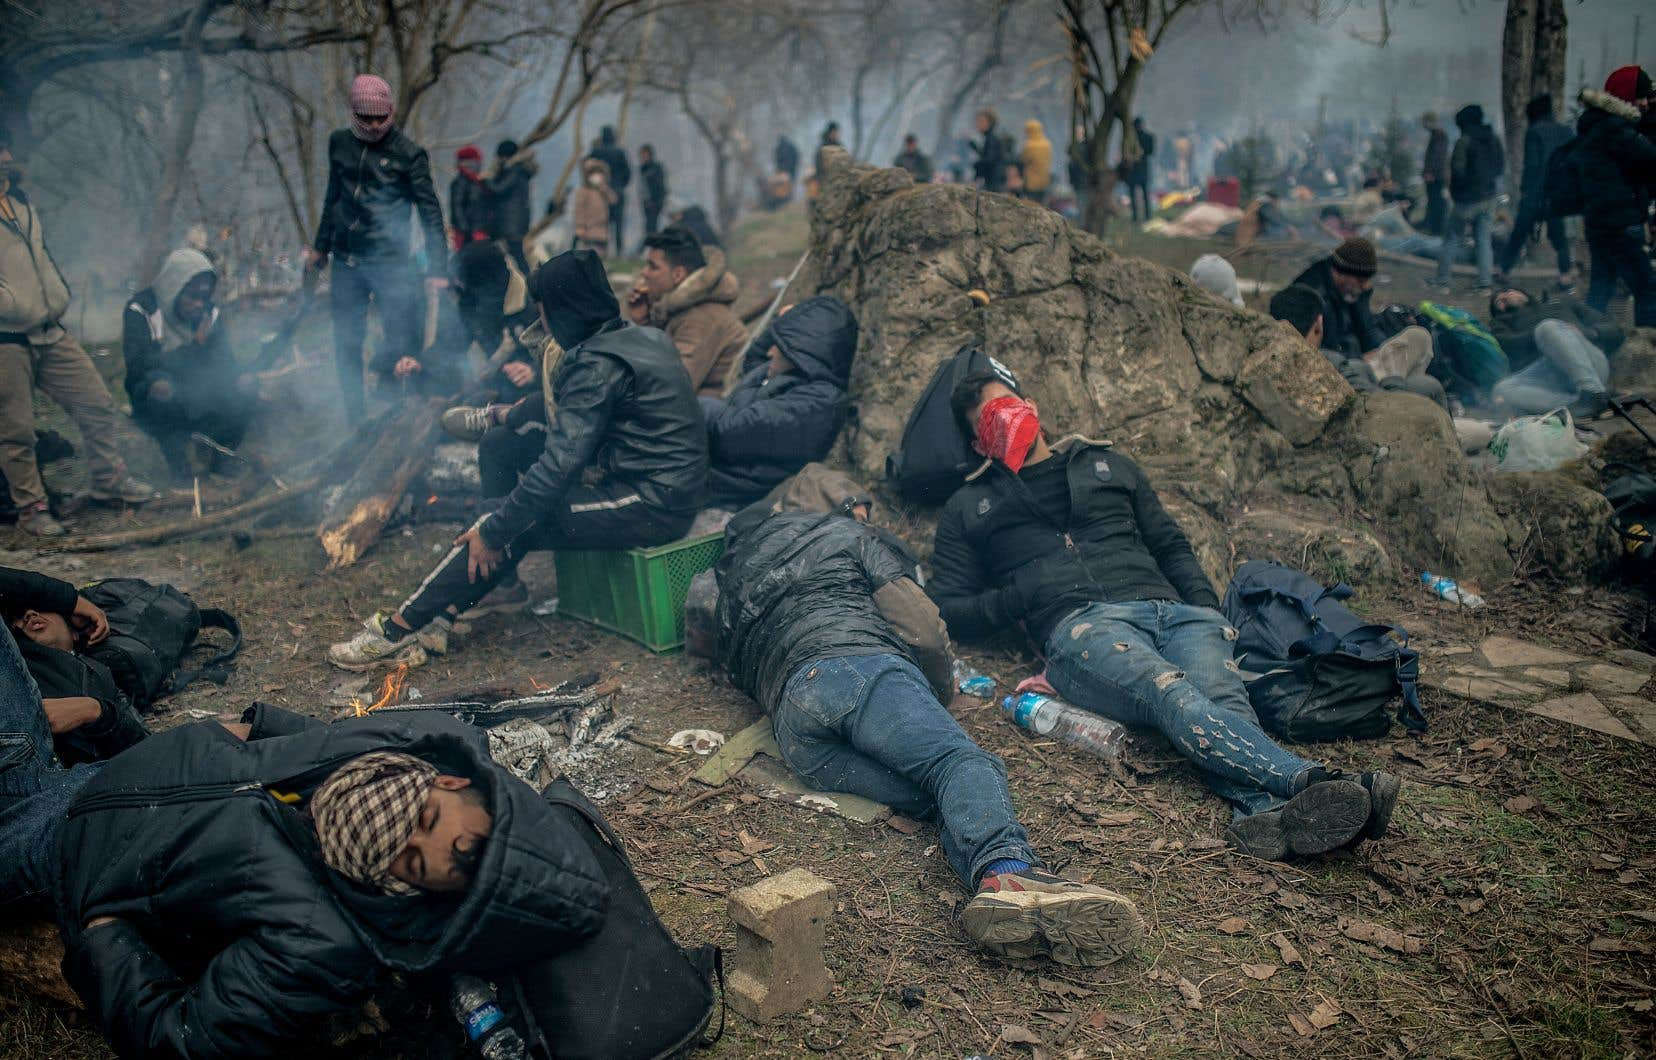 Des milliers de réfugiés syriens se sont dirigés, à pied ou par bateau de fortune, vers la Grèce dimanche, déclenchant la colère des résidents.